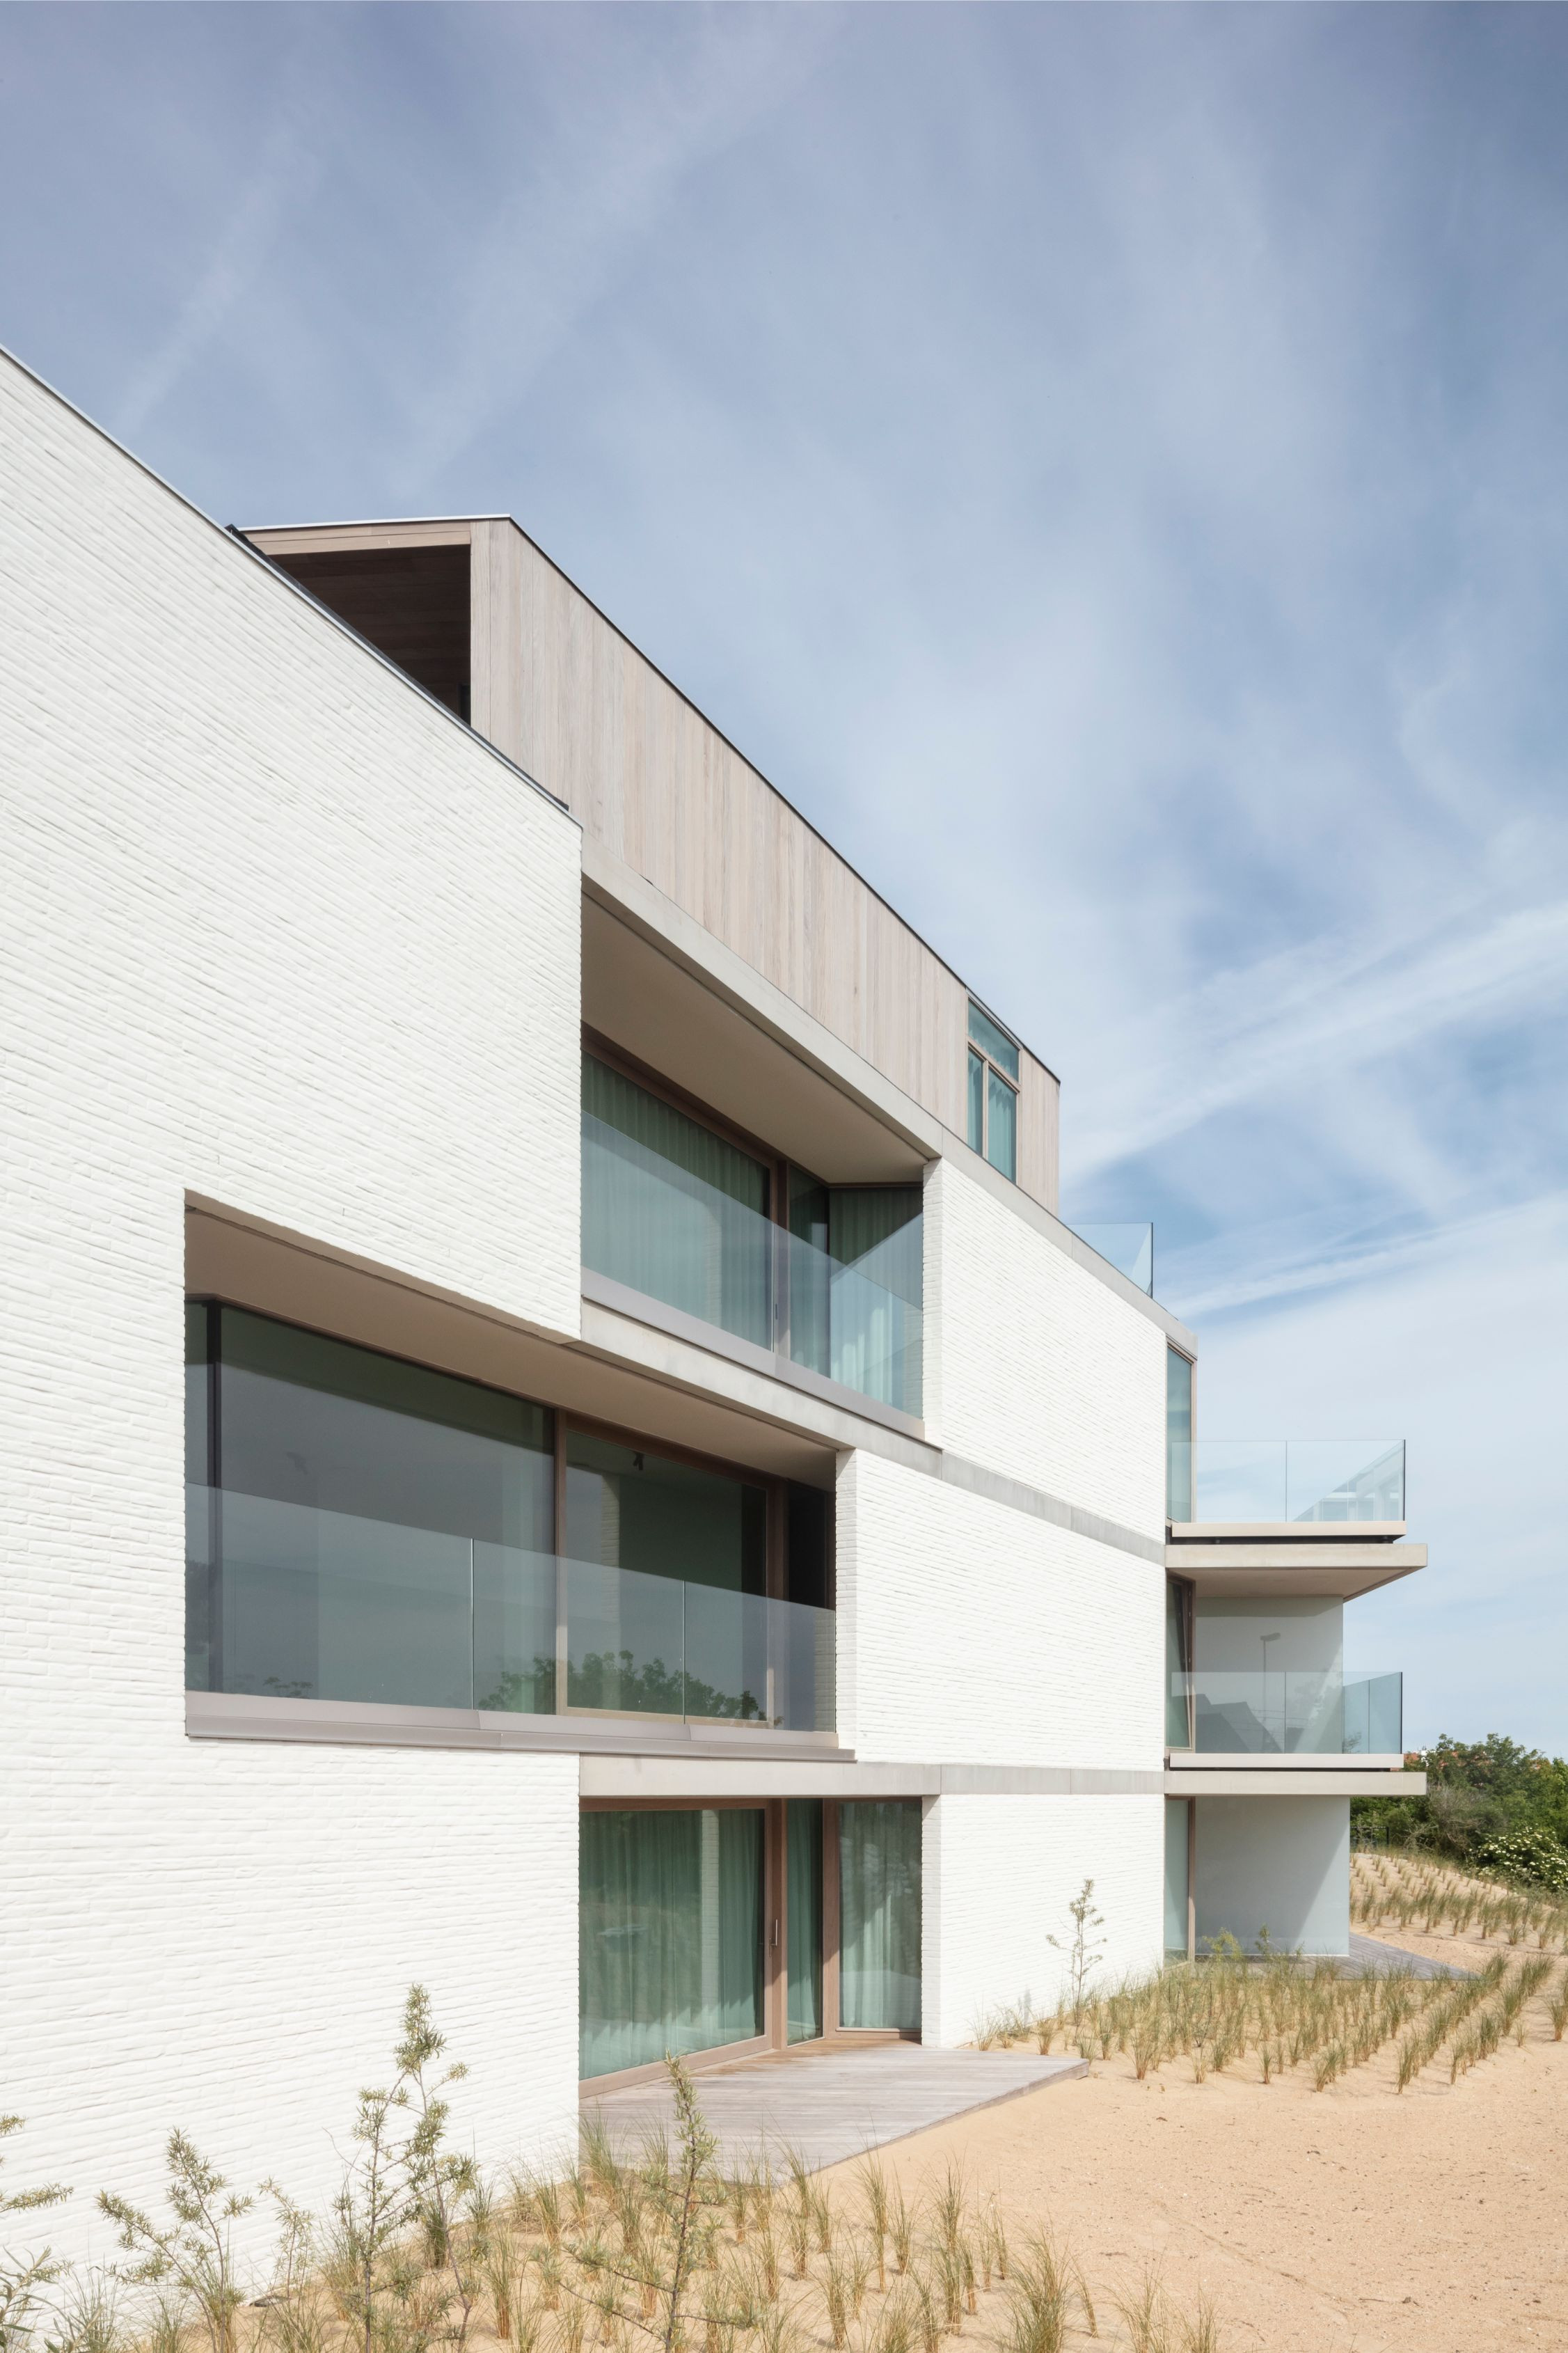 Hans Wegner - Rietveldprojects - Koksijde - Tvdv10.jpg